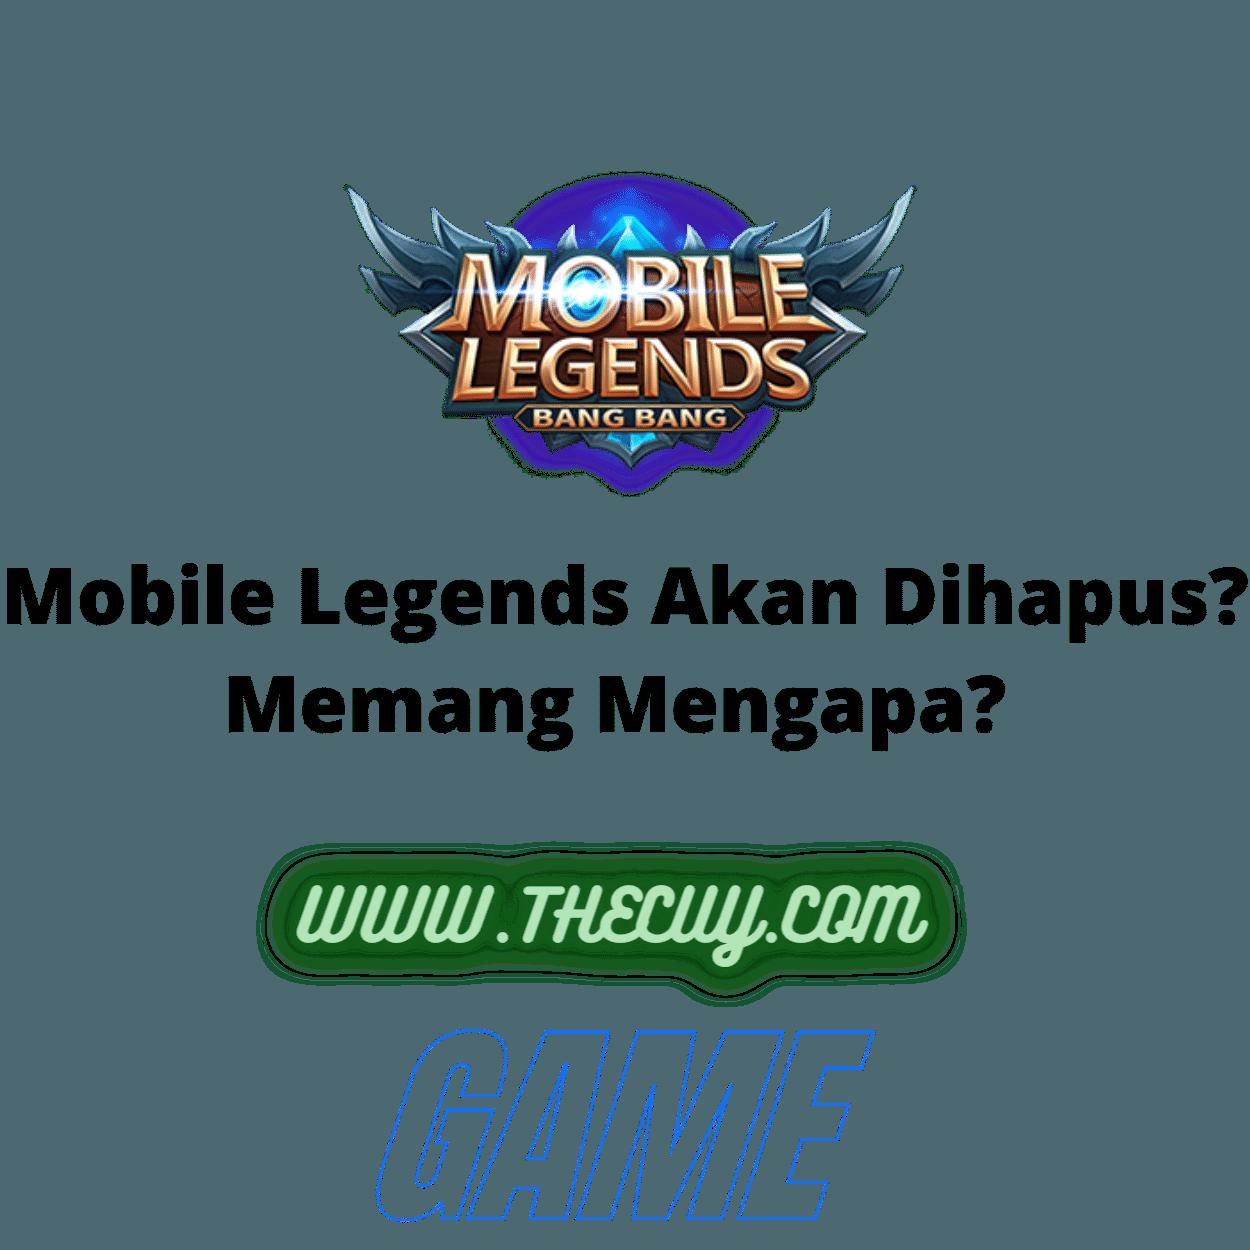 Mobile Legends Akan Dihapus? Memang Mengapa?